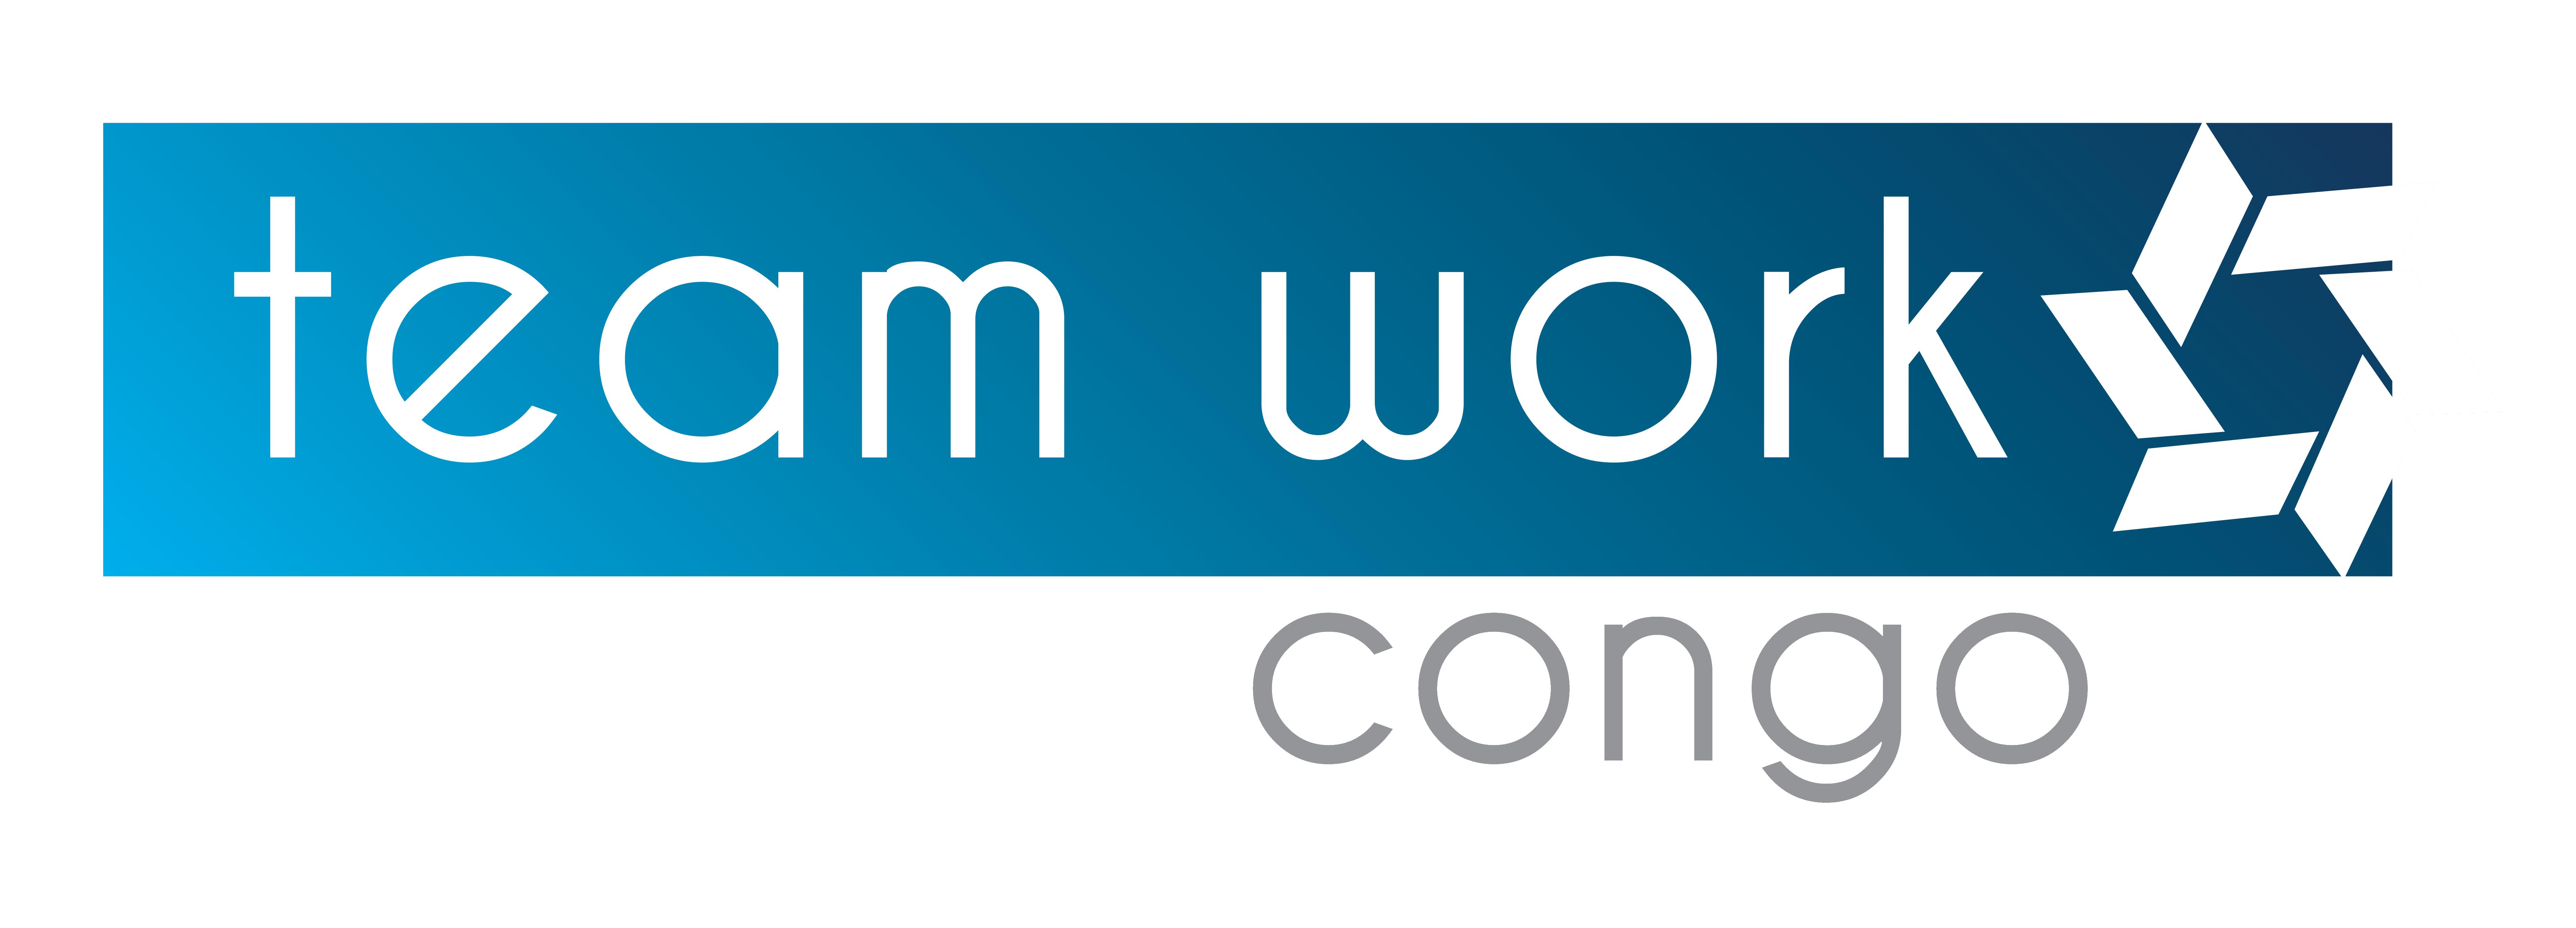 TeamWork Congo